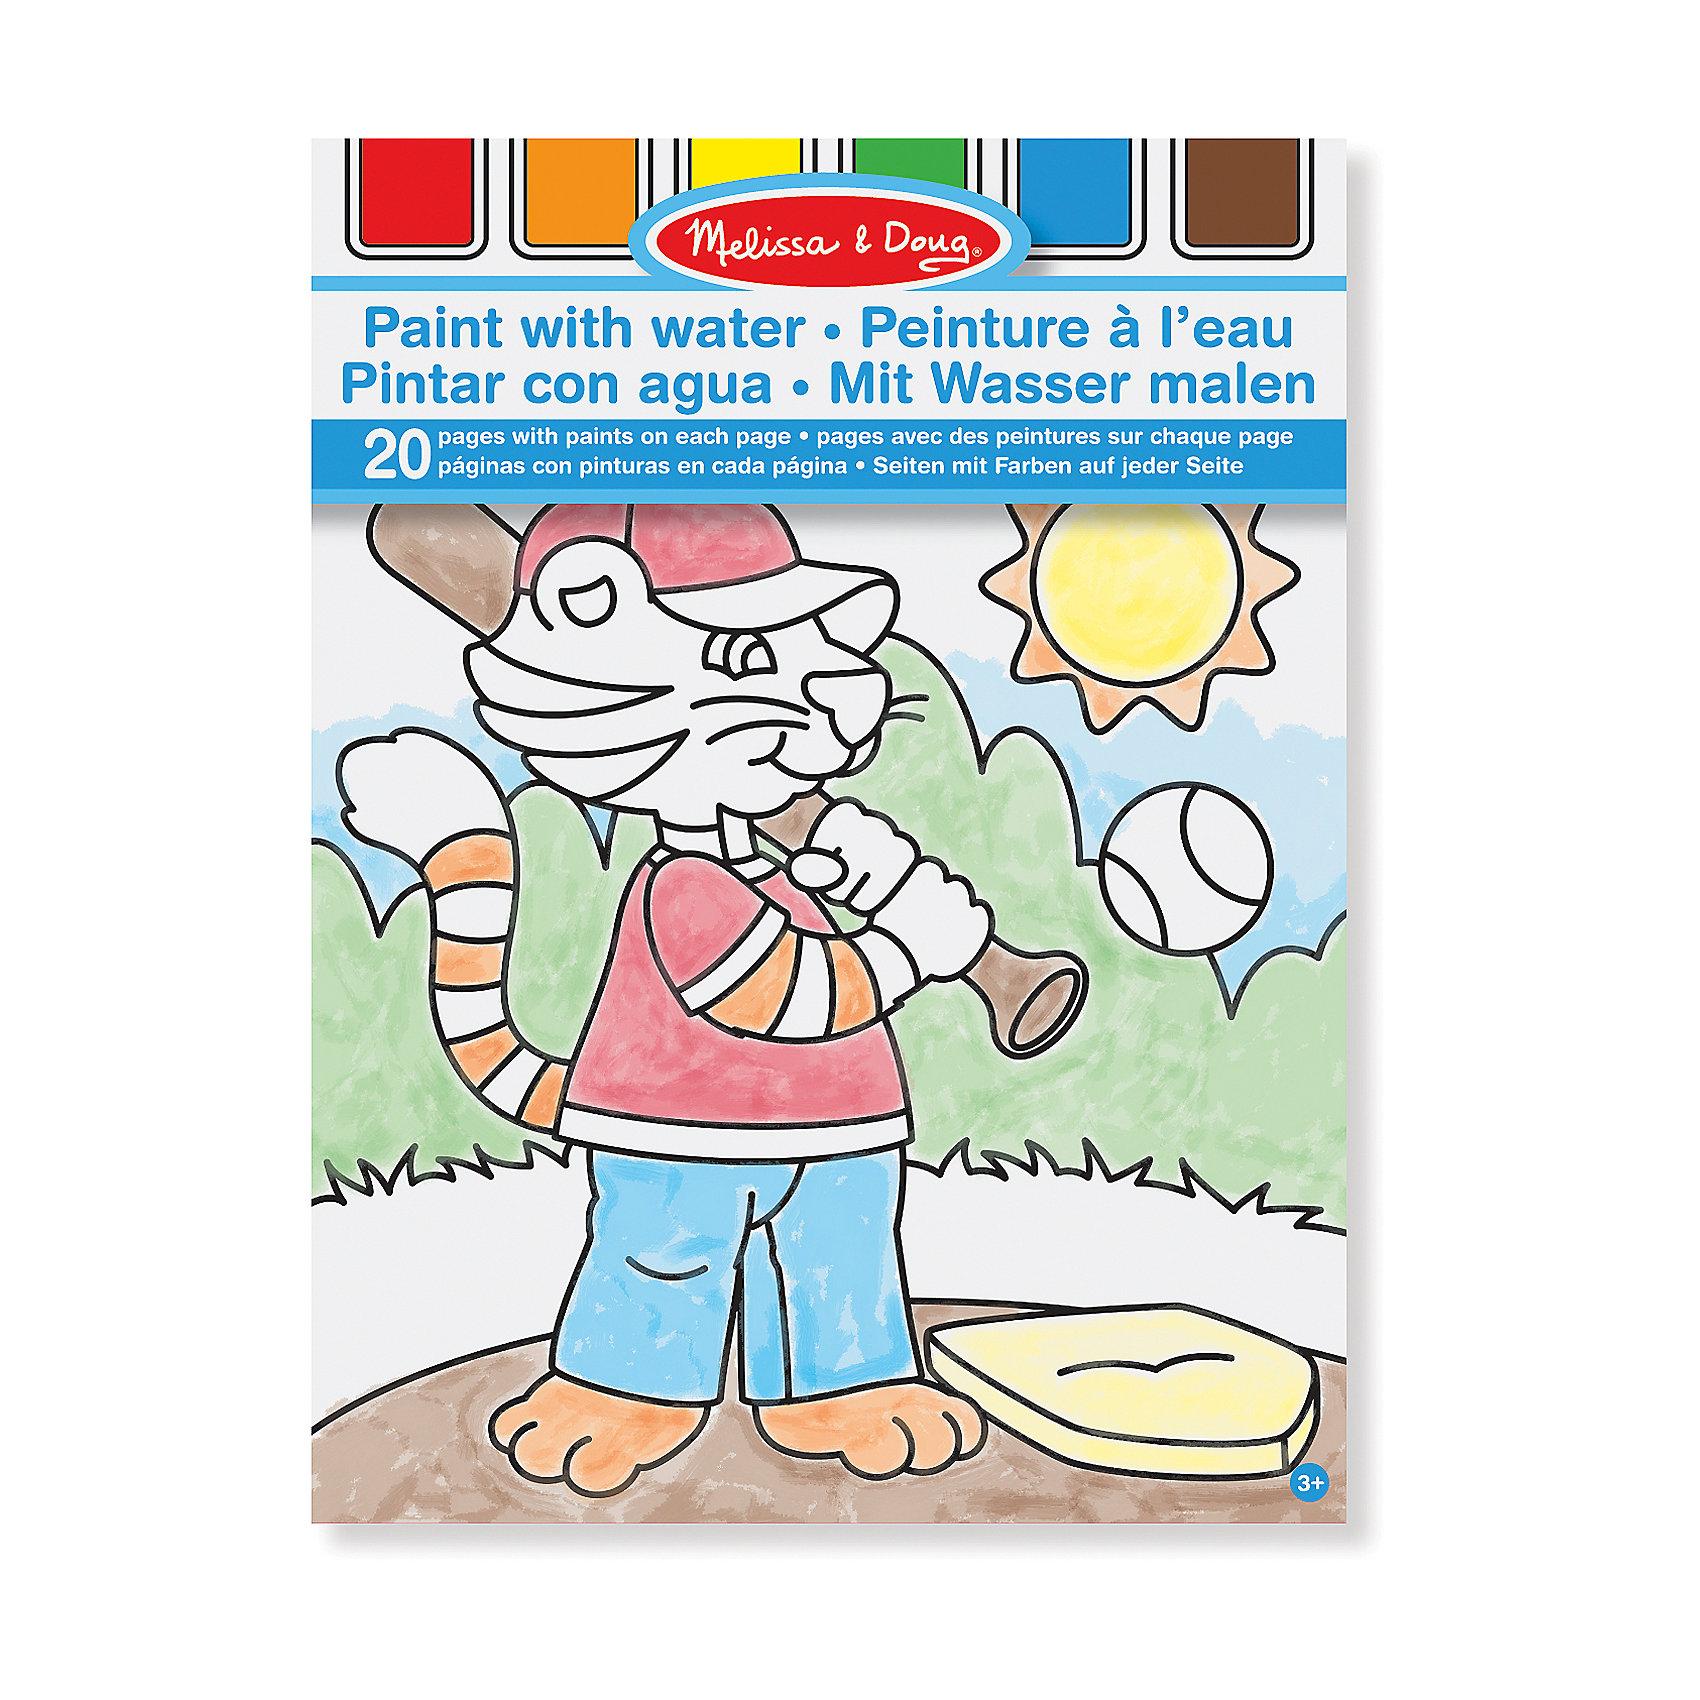 Набор Рисуем водой (голубой), Melissa &amp; DougРисование<br>Набор Рисуем водой (голубой), Melissa &amp; Doug (Мелисса и Даг) – замечательный набор для раскрашивания без использования красок, что очень удобно для родителей, ведь малыши не смогут испачкаться в процессе рисования. Вверху каждой страницы расположена цветовая палитра, на которые нужно добавить немножко воды, и можно раскрашивать рисунок. По мере того, как бумага будет намокать, на ней будут проявляться разные цвета. Бумага высокого качества гарантирует длительный срок службы художественных работ Вашего малыша. В процессе рисования водой у ребенка развивается творческое и логическое мышление, тренируется мелкая моторика и художественные навыки.<br><br>Комплектация: 20 страниц из плотной бумаги с рисунками, кисть<br><br>Дополнительная информация:<br>-Материал: дерево, прессованный картон, ПВХ<br>-Размер: 30x22 см<br><br>Этот альбом иллюстрированных раскрасок станет замечательным и полезным подарком самым маленьким детям. <br><br>Набор Рисуем водой (голубой), Melissa &amp; Doug (Мелисса и Даг) можно купить в нашем магазине.<br><br>Ширина мм: 210<br>Глубина мм: 210<br>Высота мм: 290<br>Вес г: 210<br>Возраст от месяцев: 36<br>Возраст до месяцев: 180<br>Пол: Унисекс<br>Возраст: Детский<br>SKU: 4008267